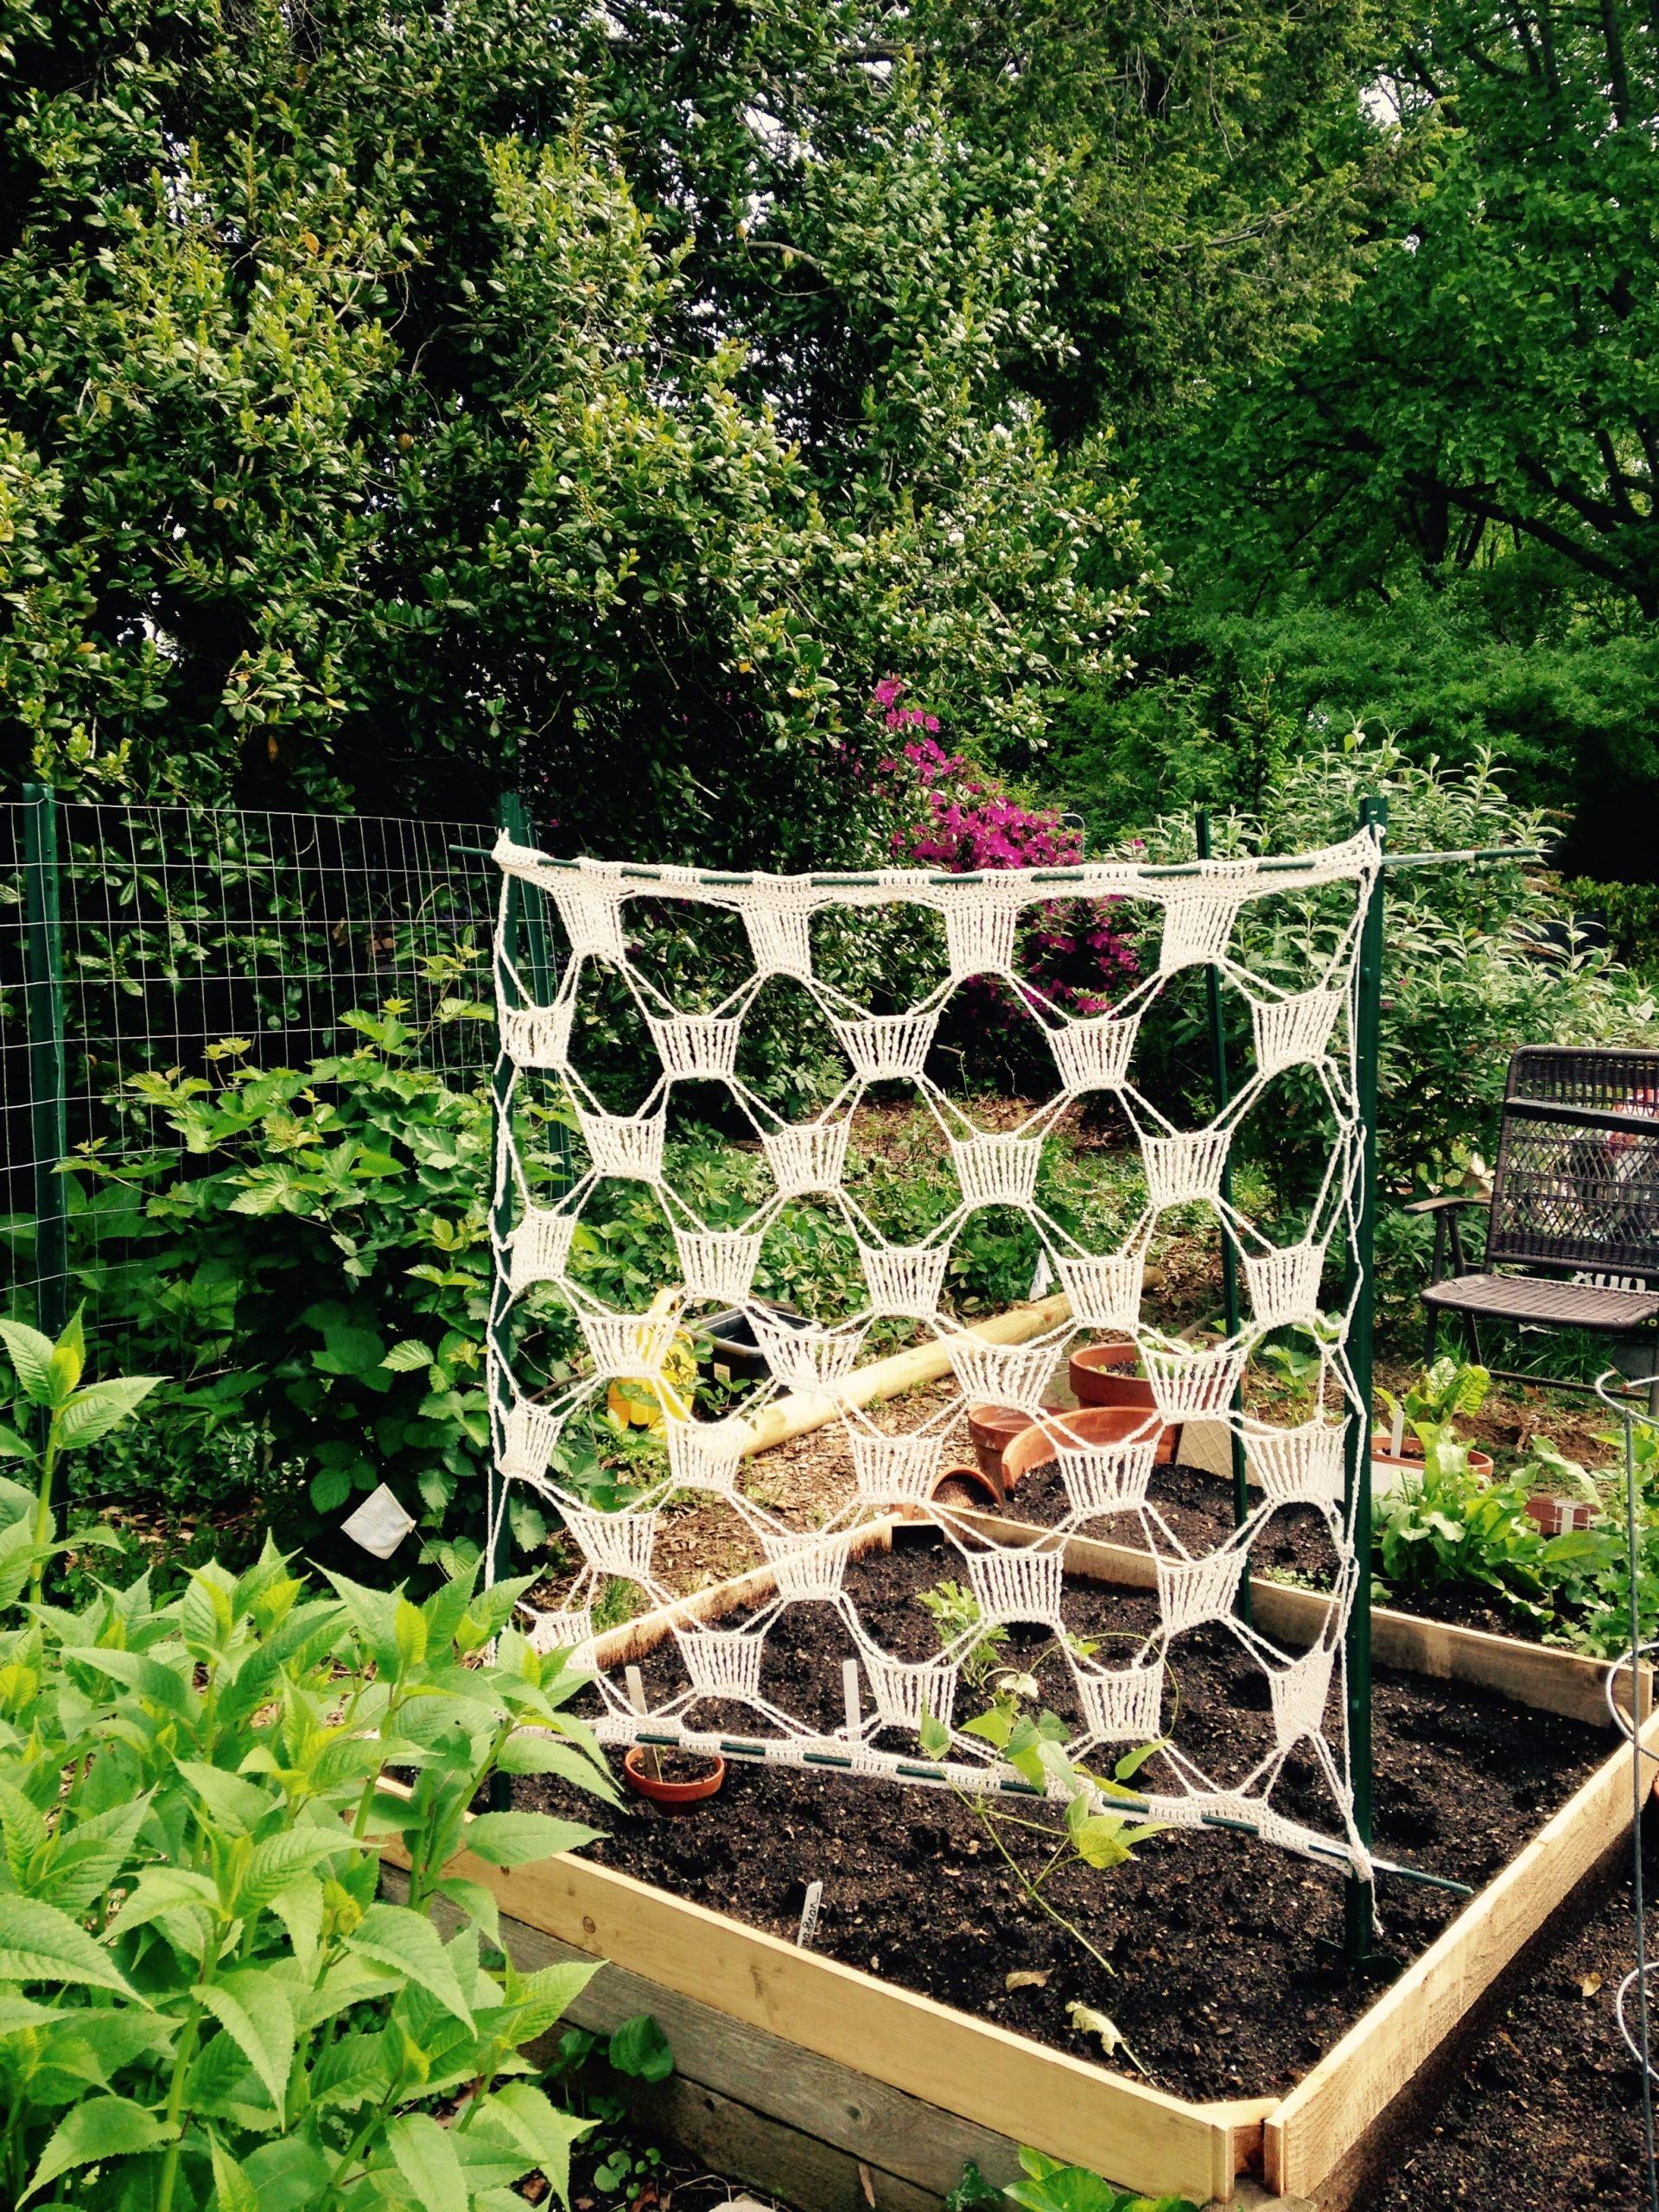 2.Simphome.com Crochet String Trellis